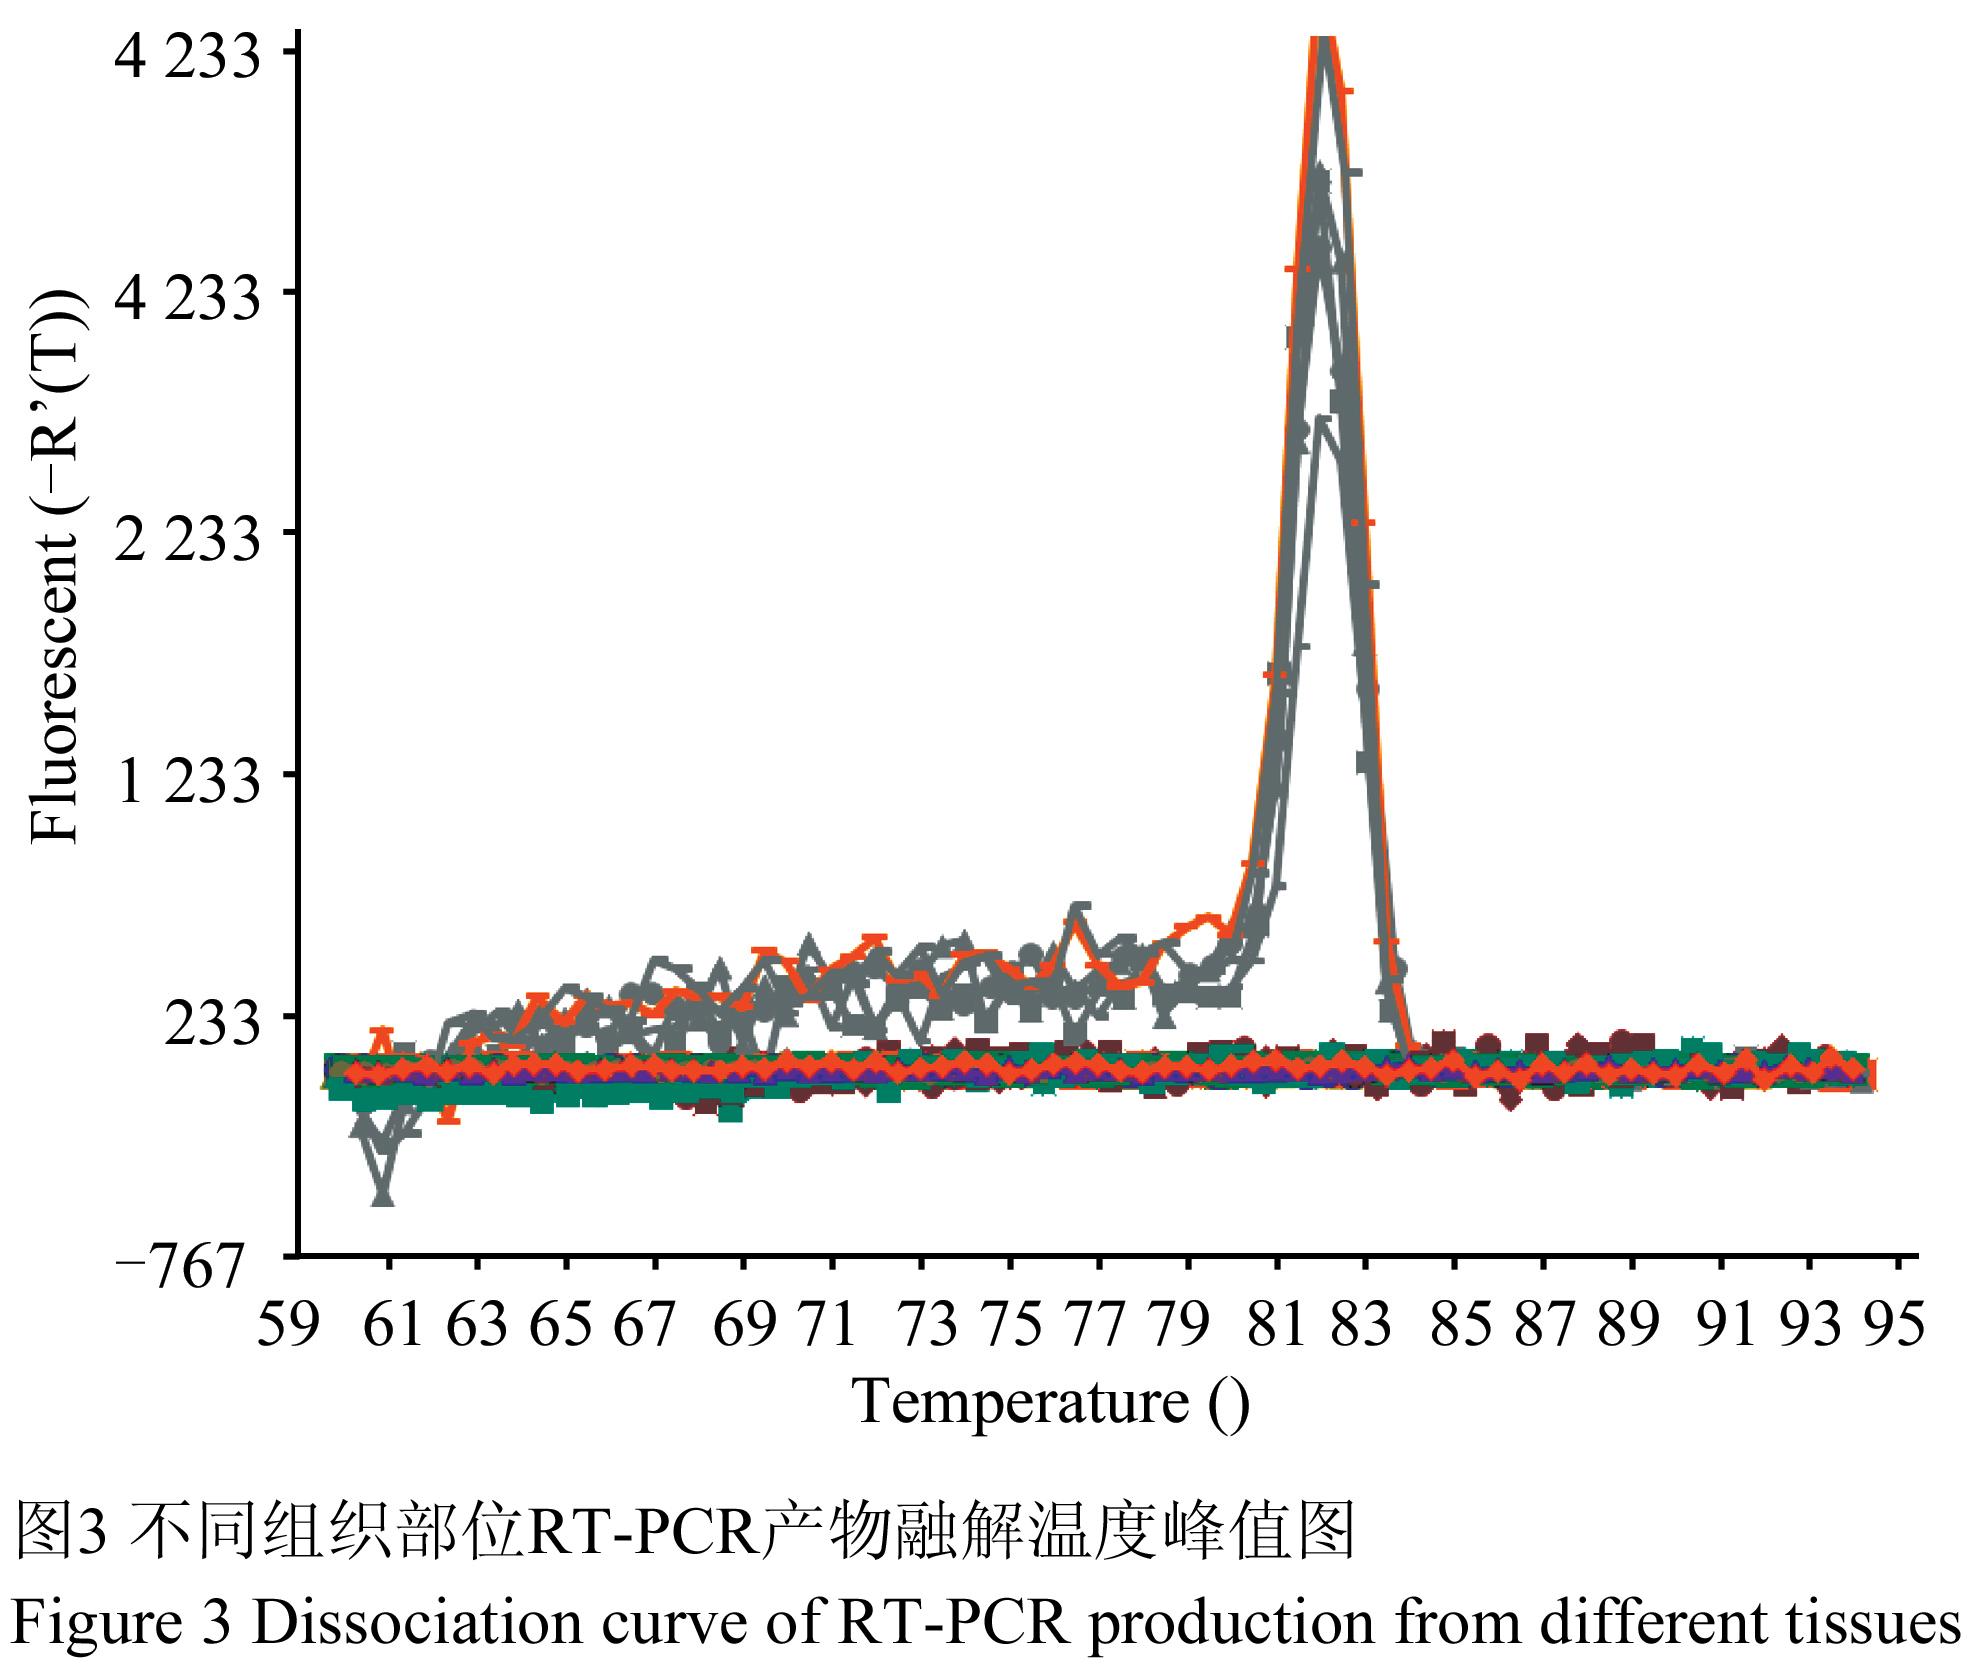 高邮鸭npy (neuropeptide y)基因cdna克隆,表达及序列